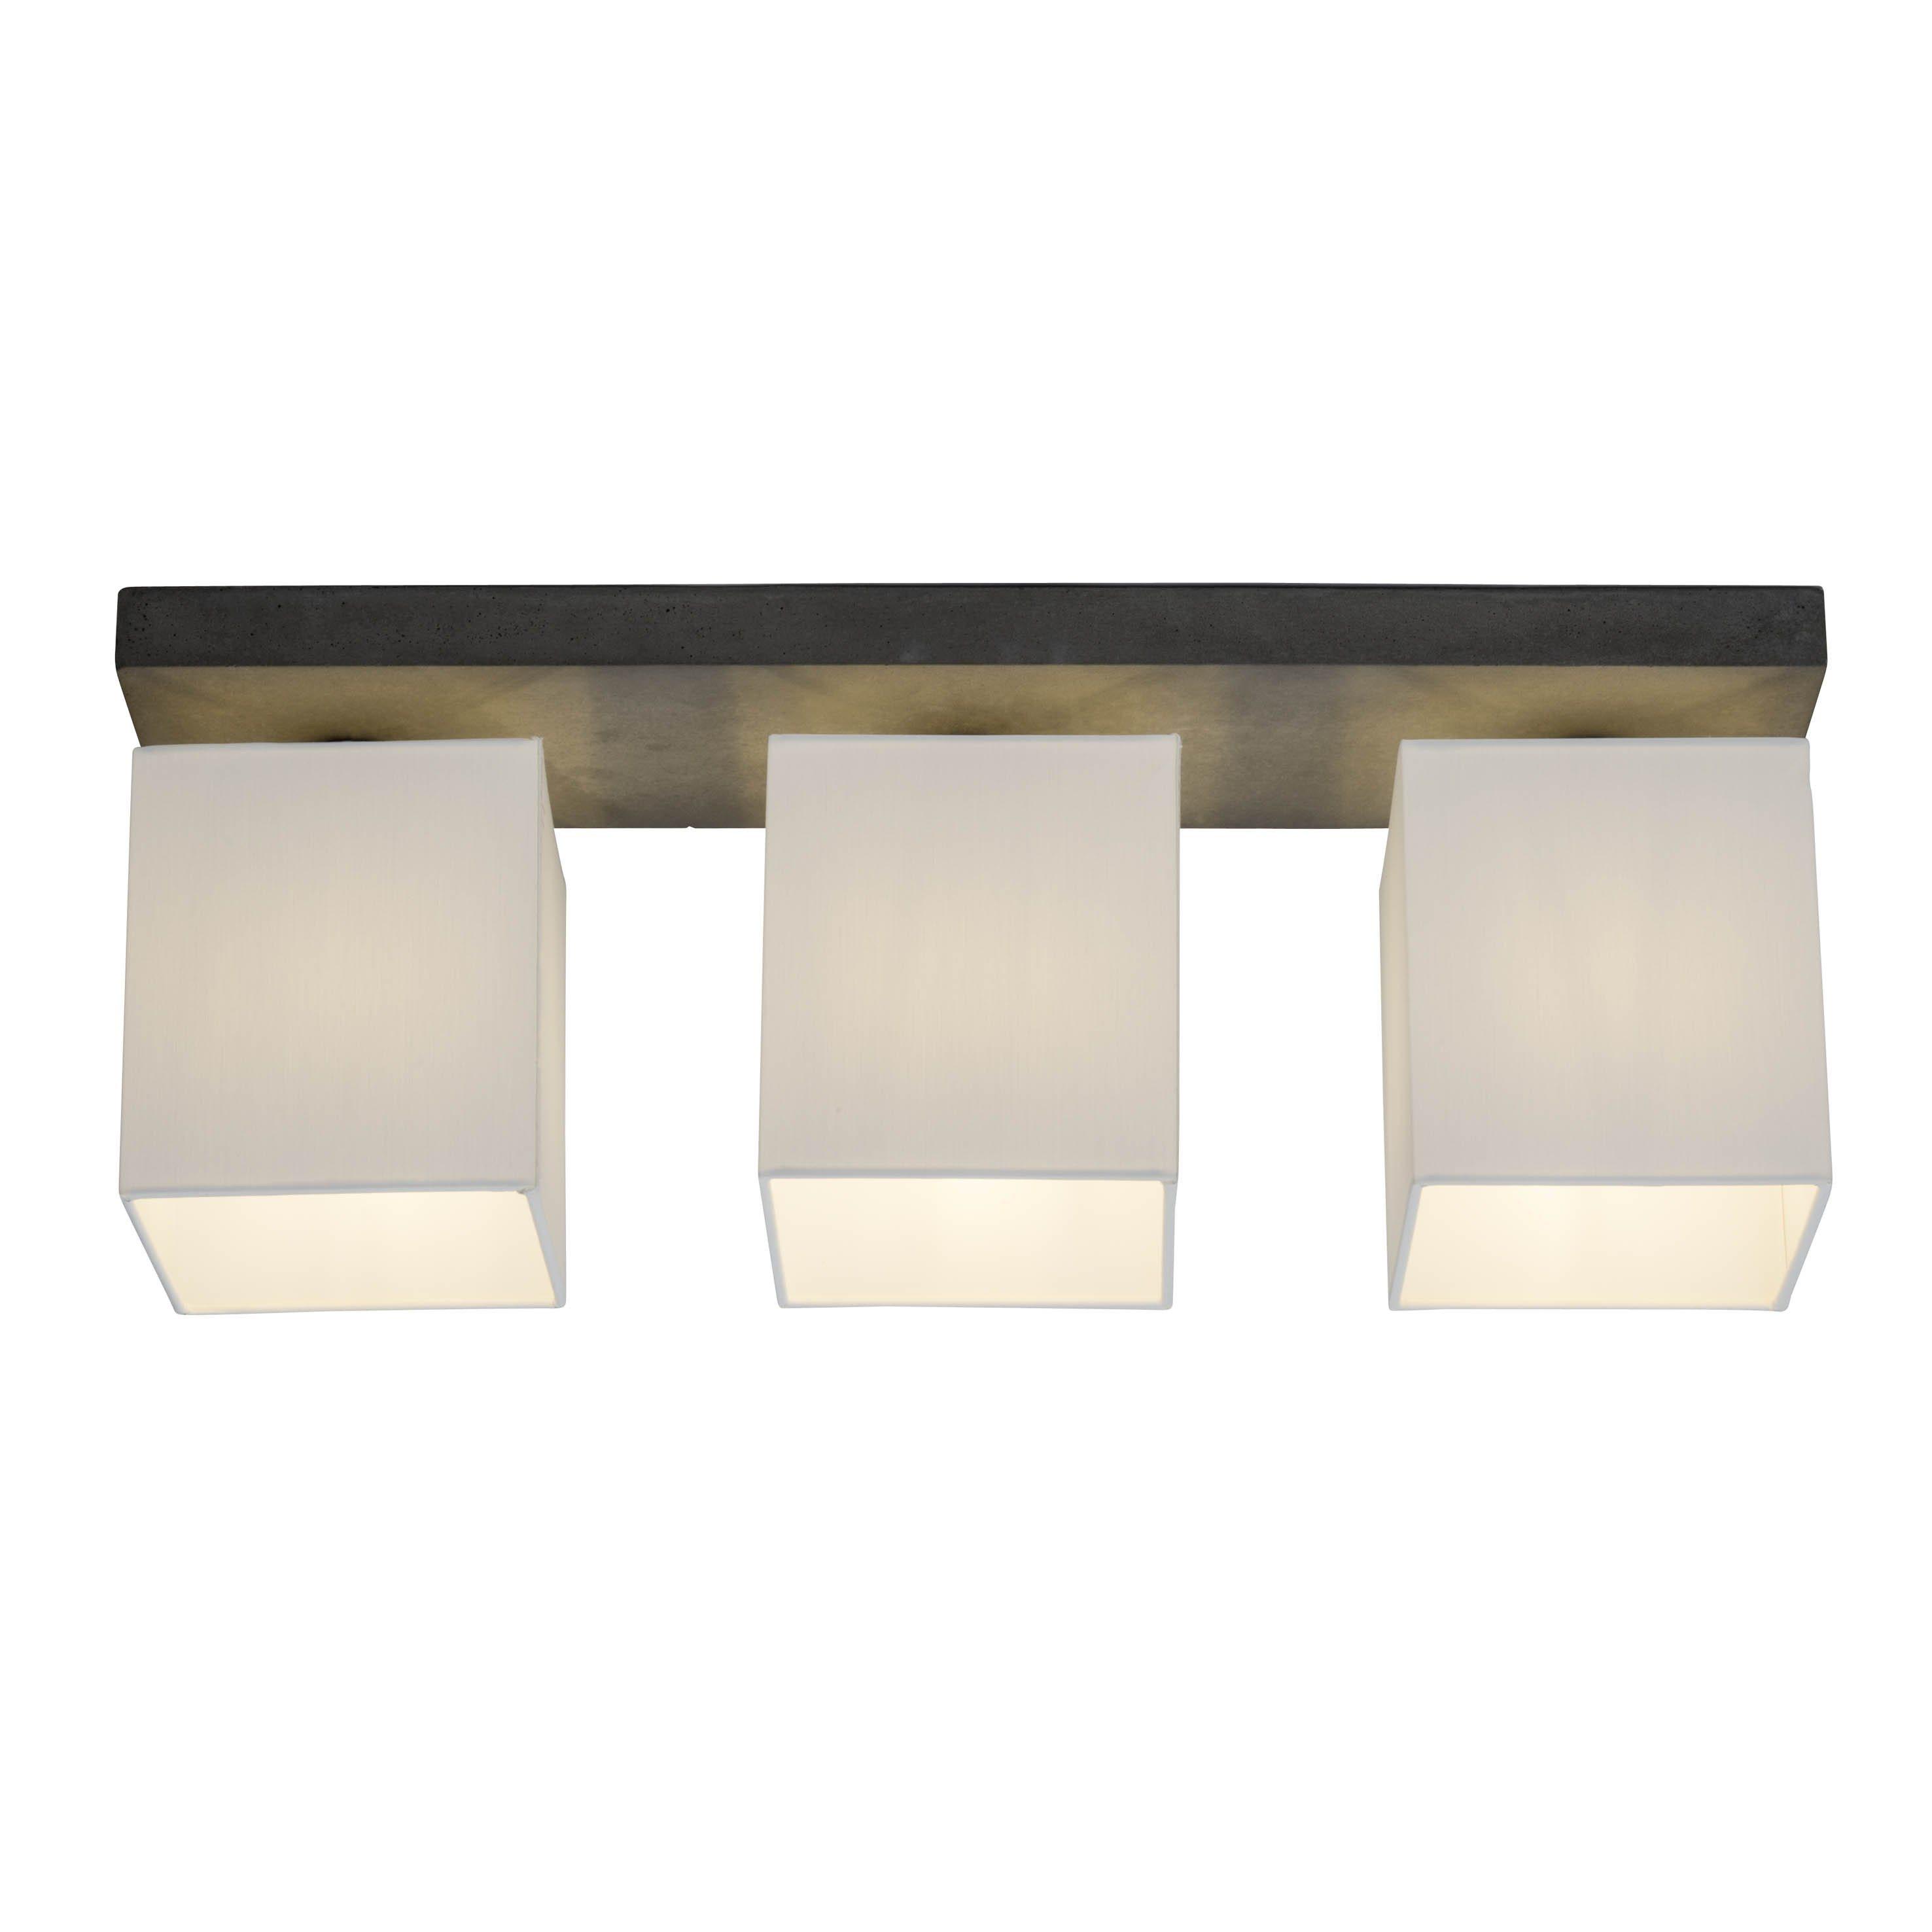 Brilliant Leuchten Monty Deckenleuchte 3flg beton/weiß | Lampen > Deckenleuchten > Deckenlampen | Weiß | Beton - Textil | Brilliant Leuchten